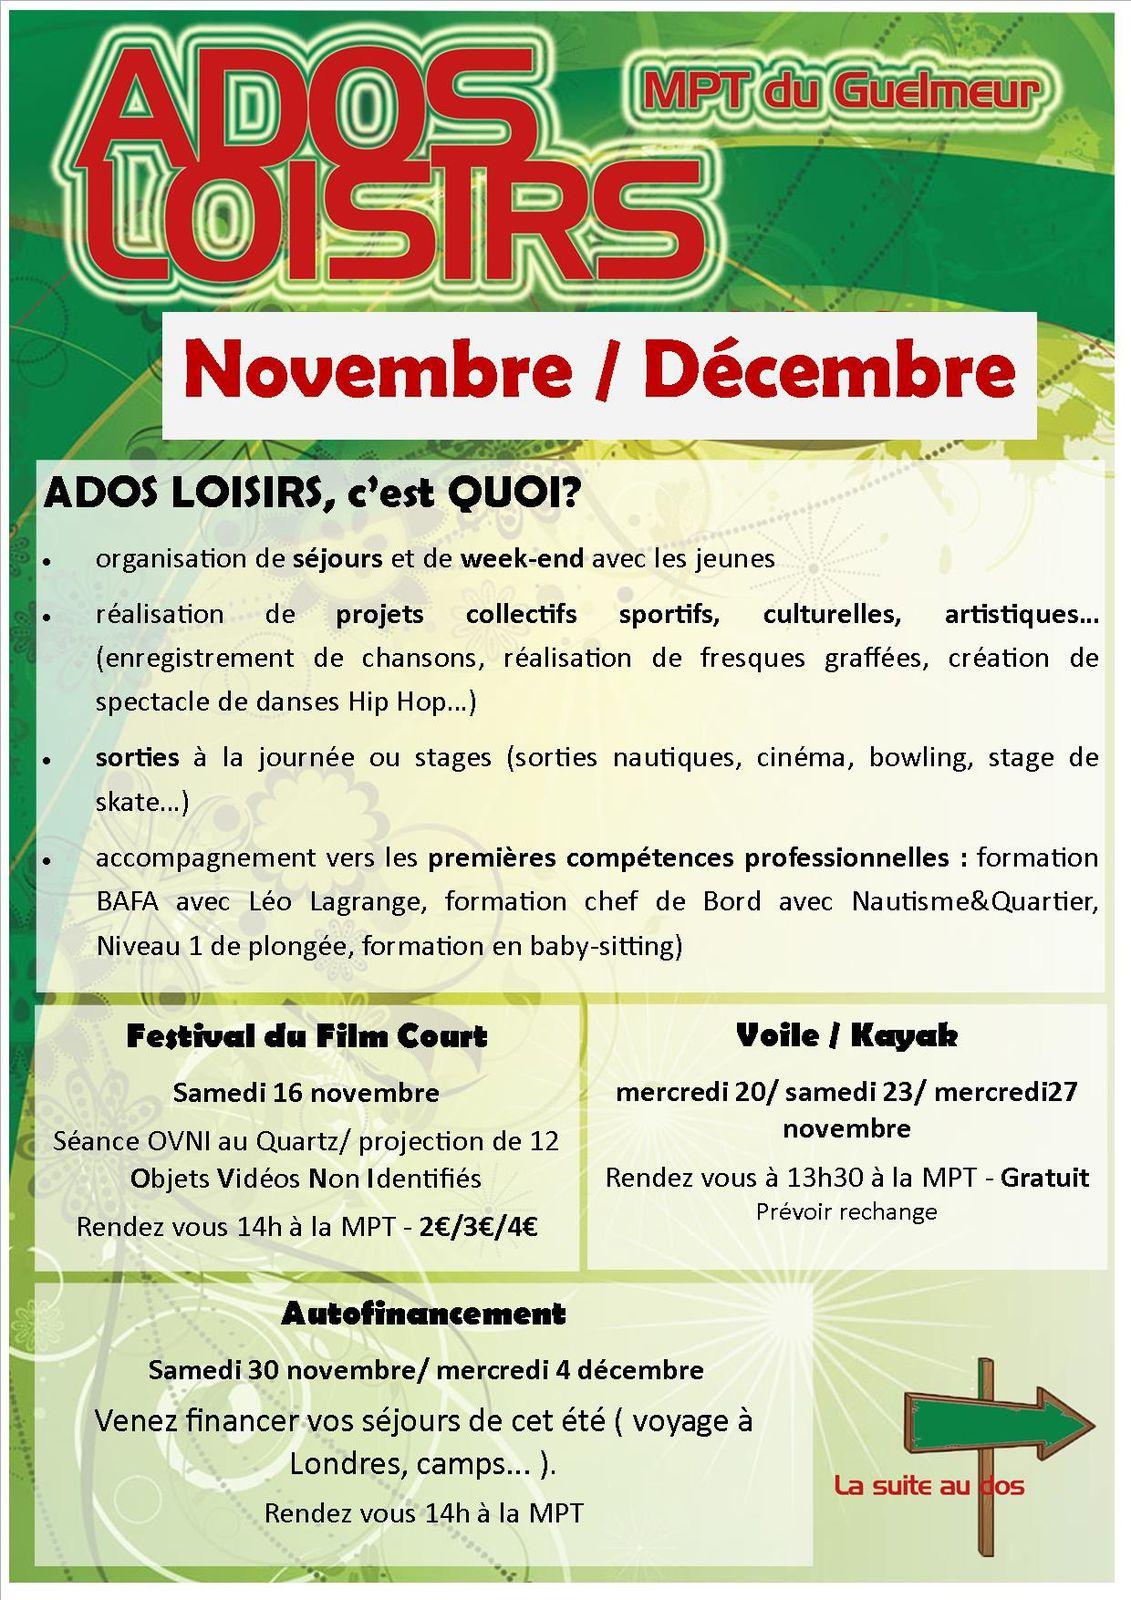 Programme Ados Loisirs novembre/décembre